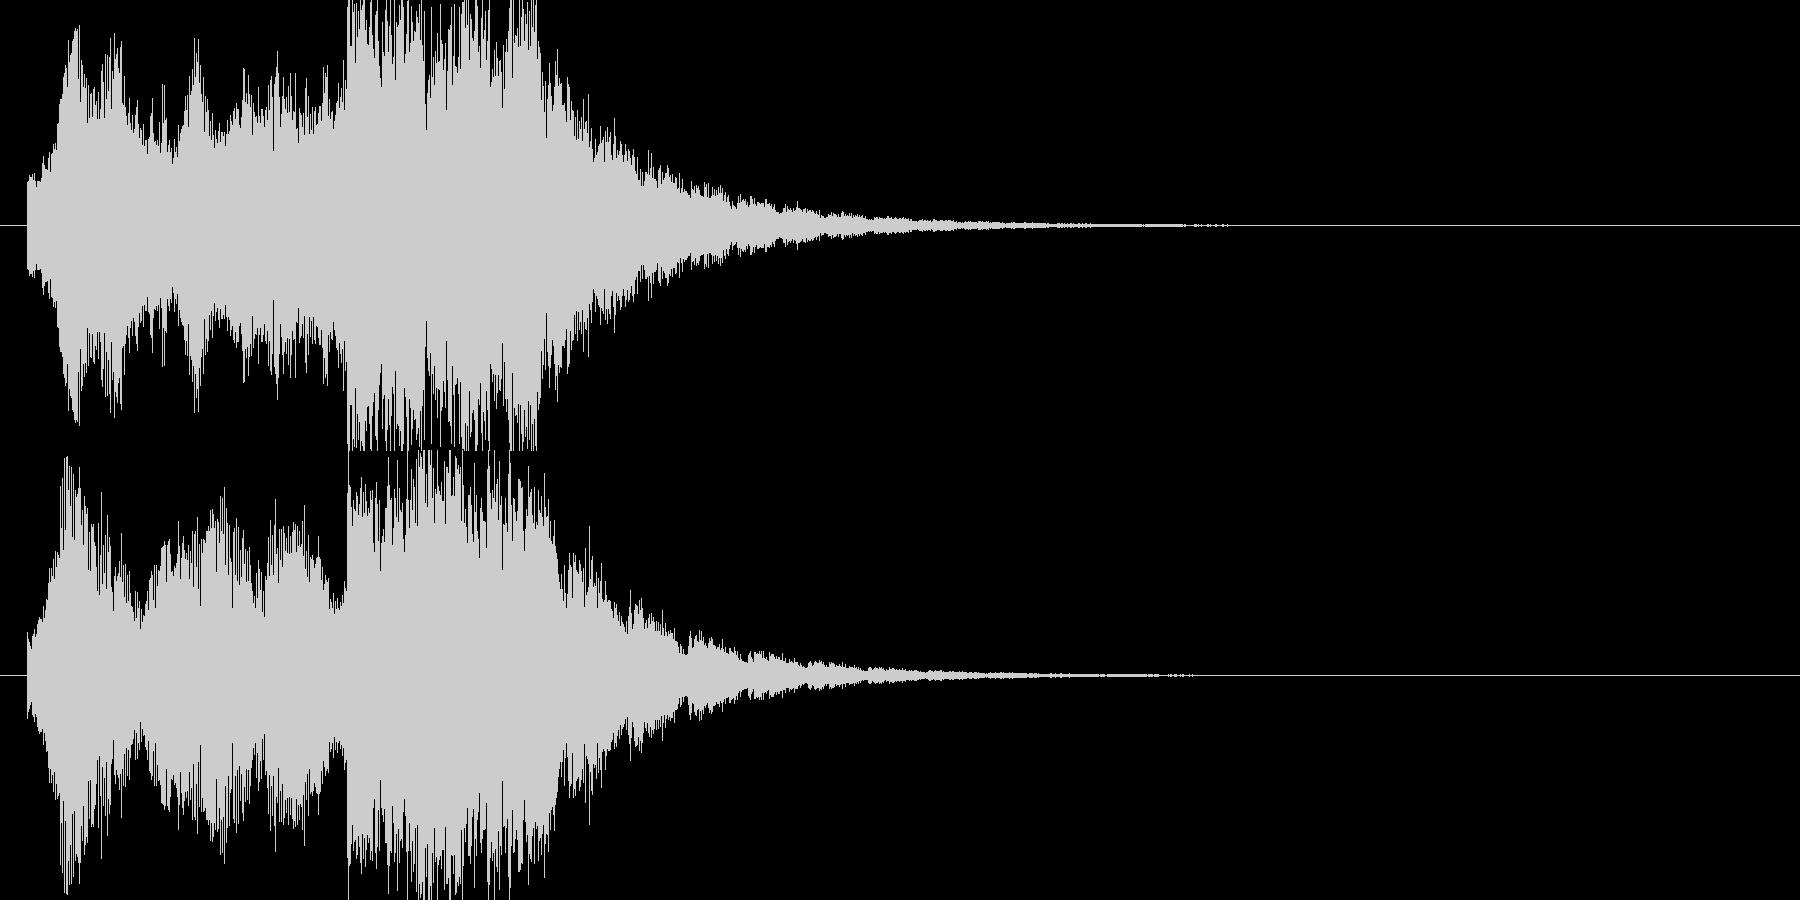 企業向けサウンドロゴ、ジングルの未再生の波形